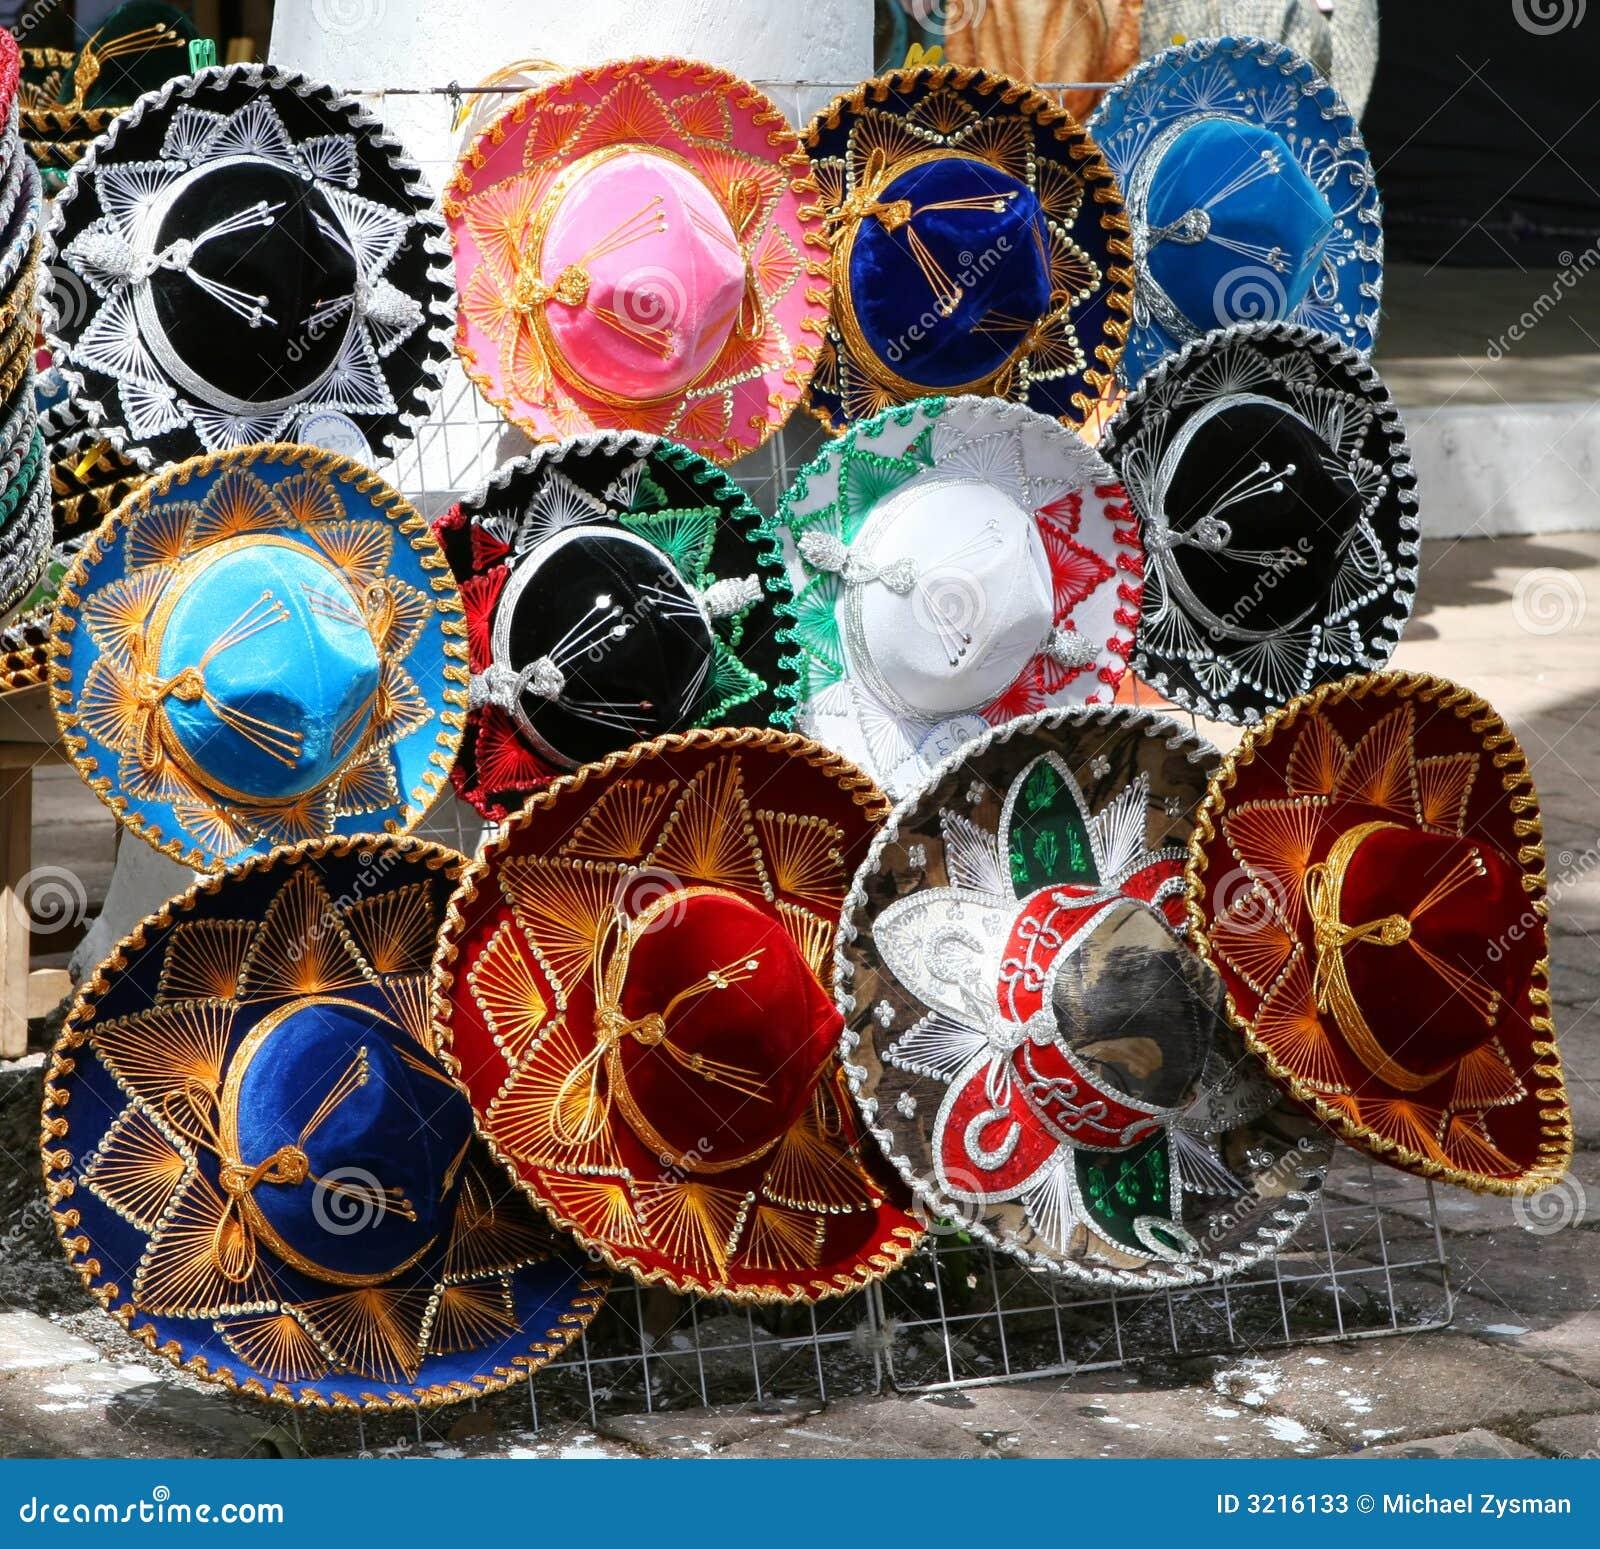 c5f2ba743ec25 Sombreros mexicanos tradicionales para la venta en una tablilla de anuncios  en el Yucatán